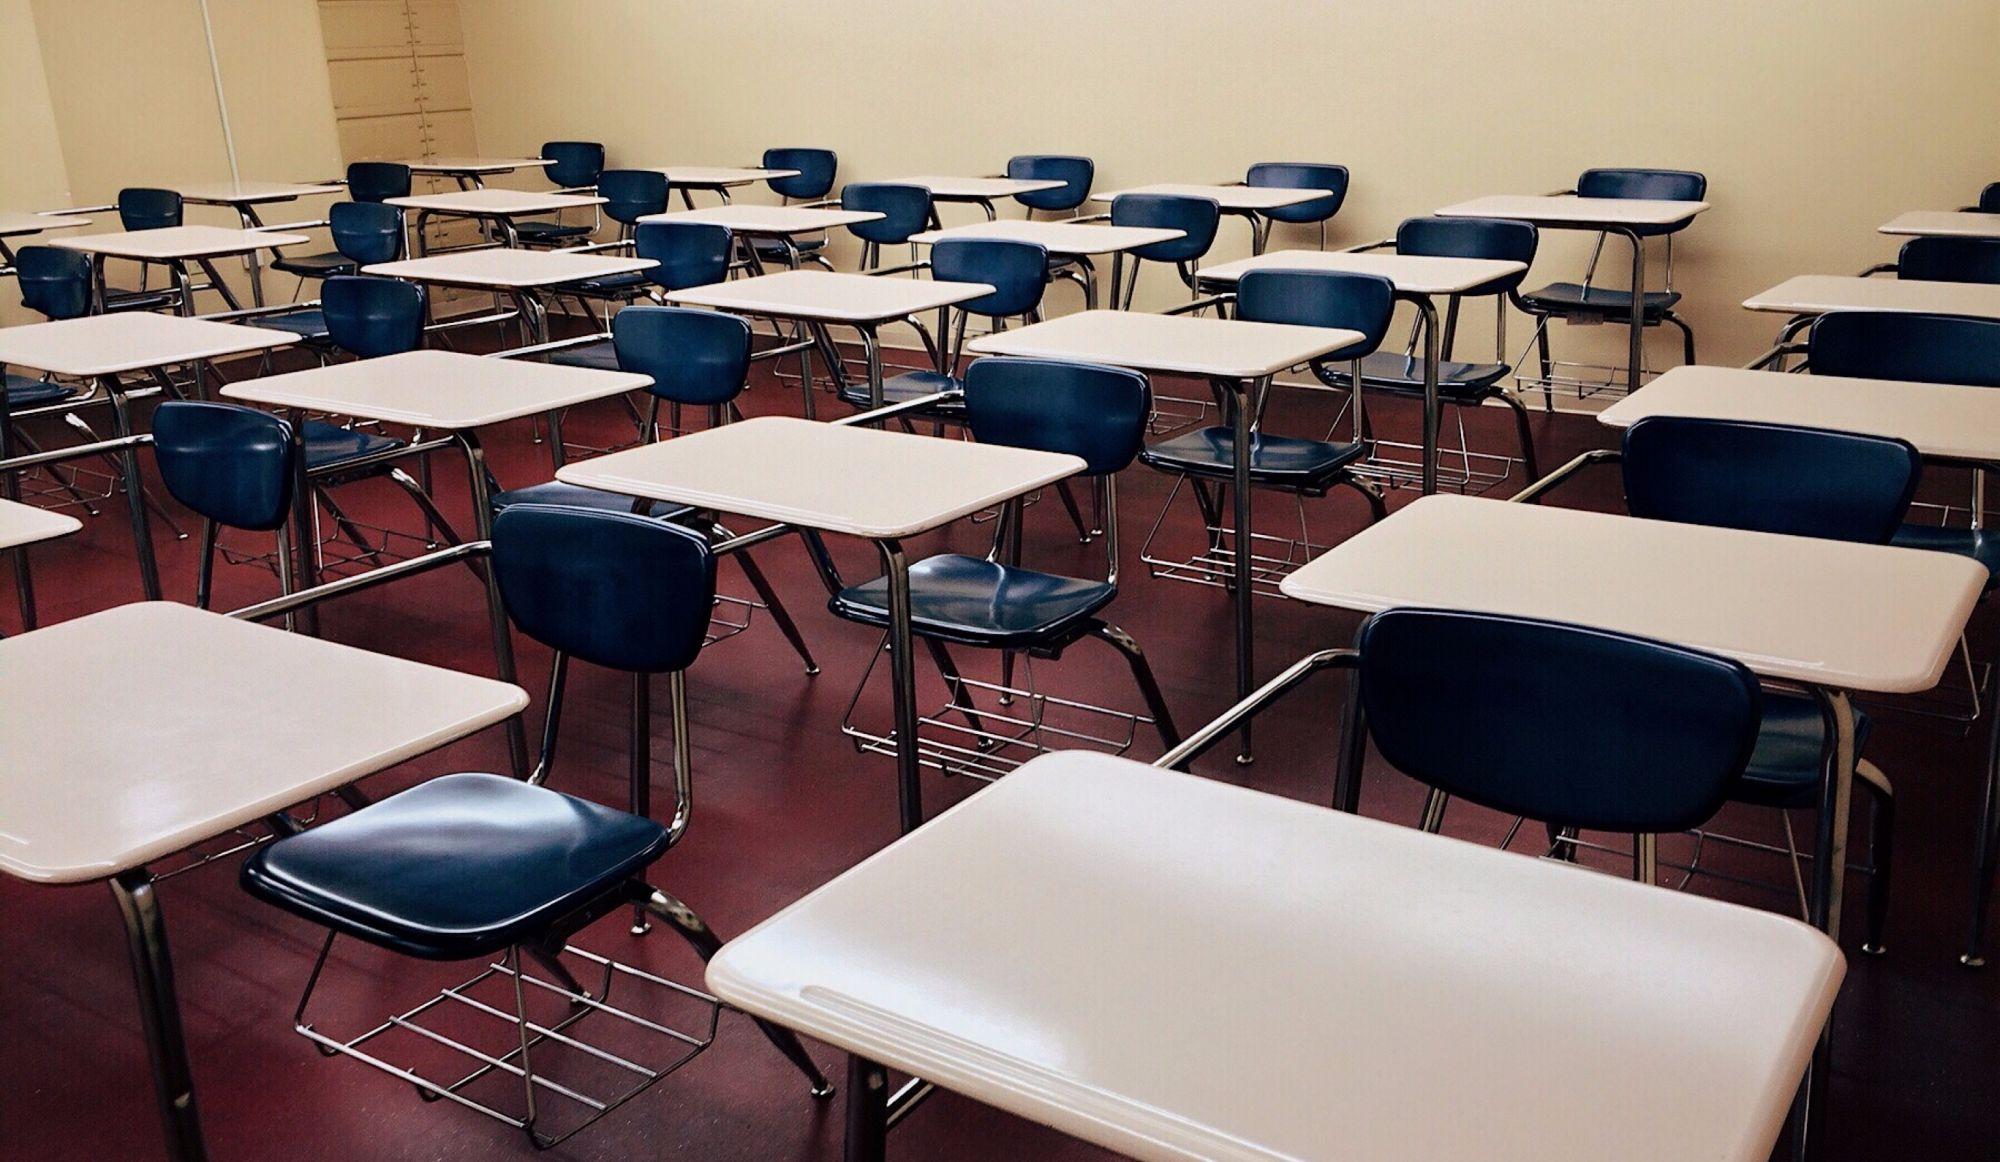 Nouveau pacte de suicide collectif dans une école secondaire